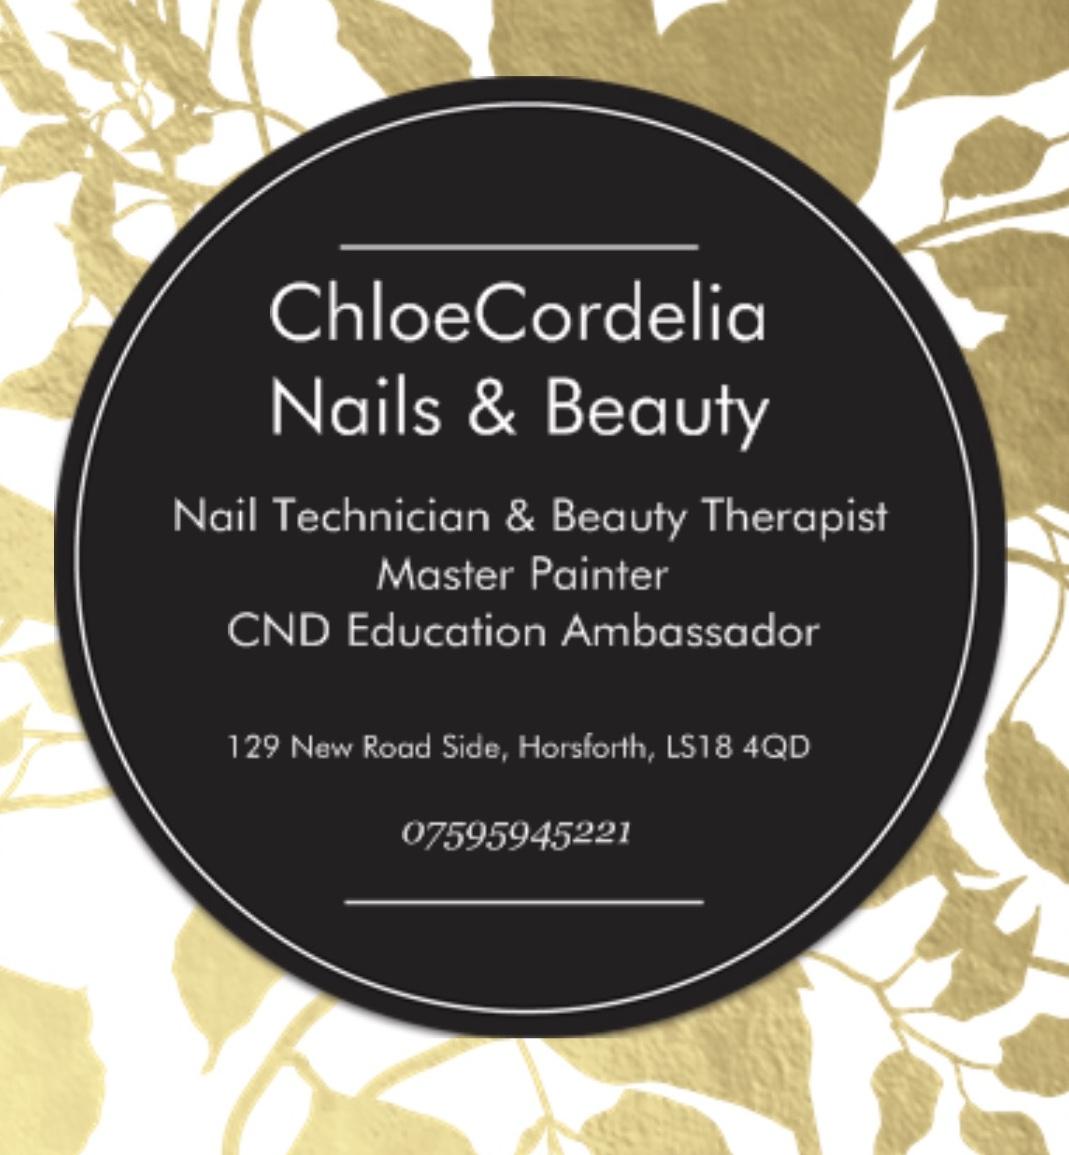 ChloeCordelia Nails & Beauty